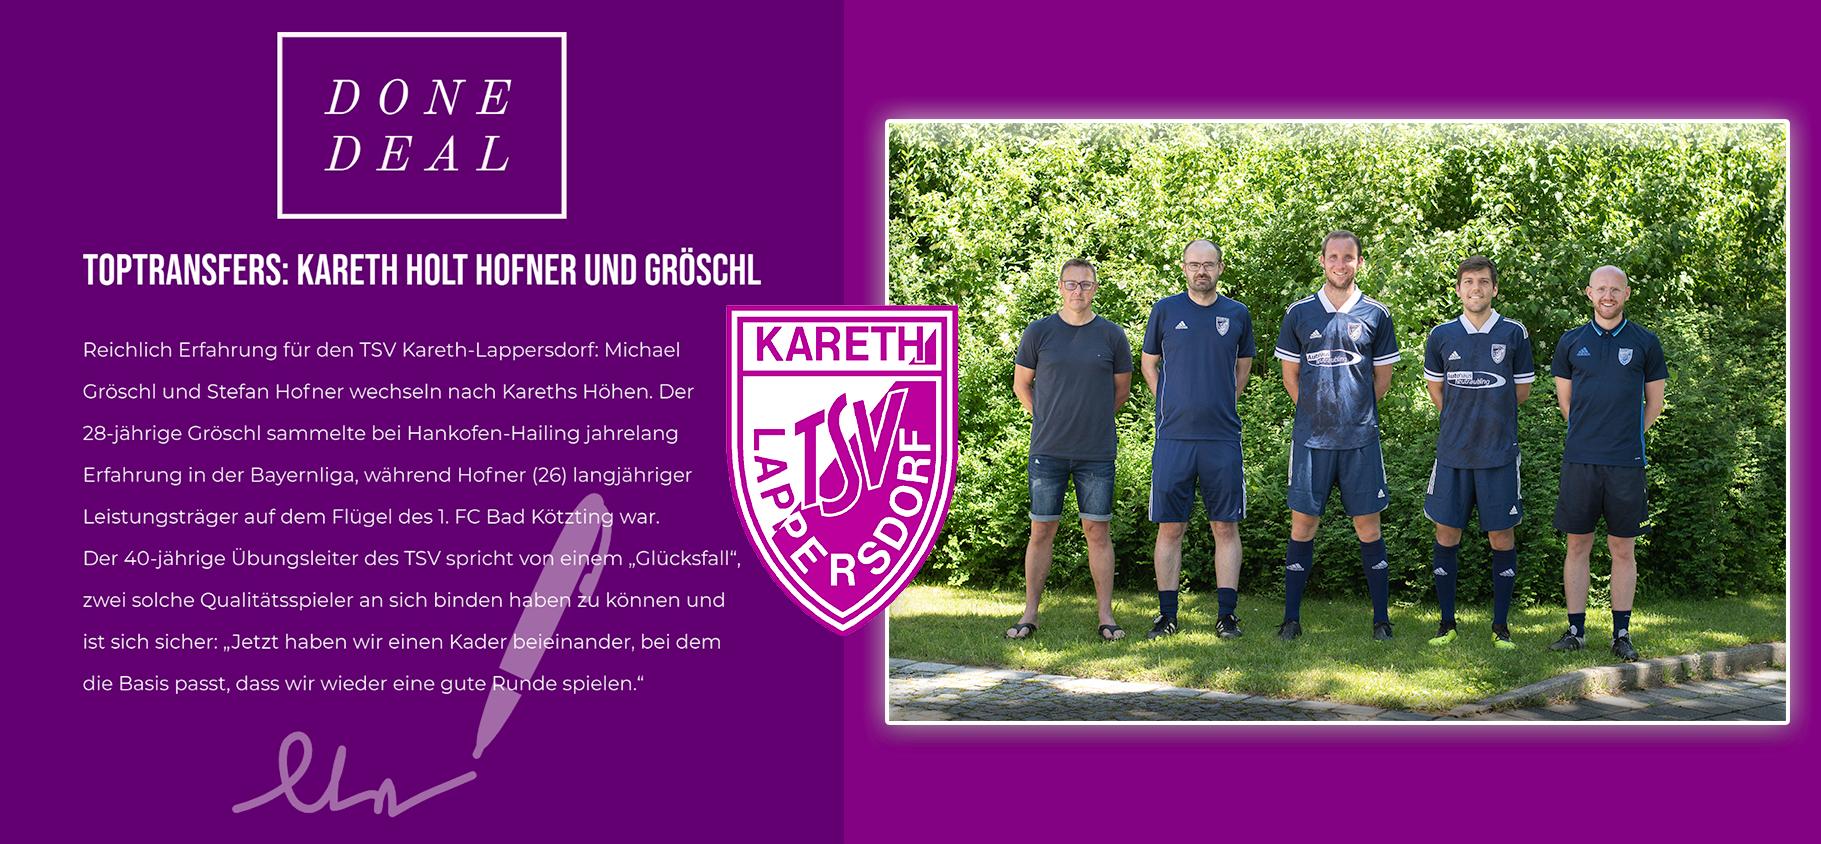 Zwei Toptransfers: Kareth angelt sich Hofner und Gröschl